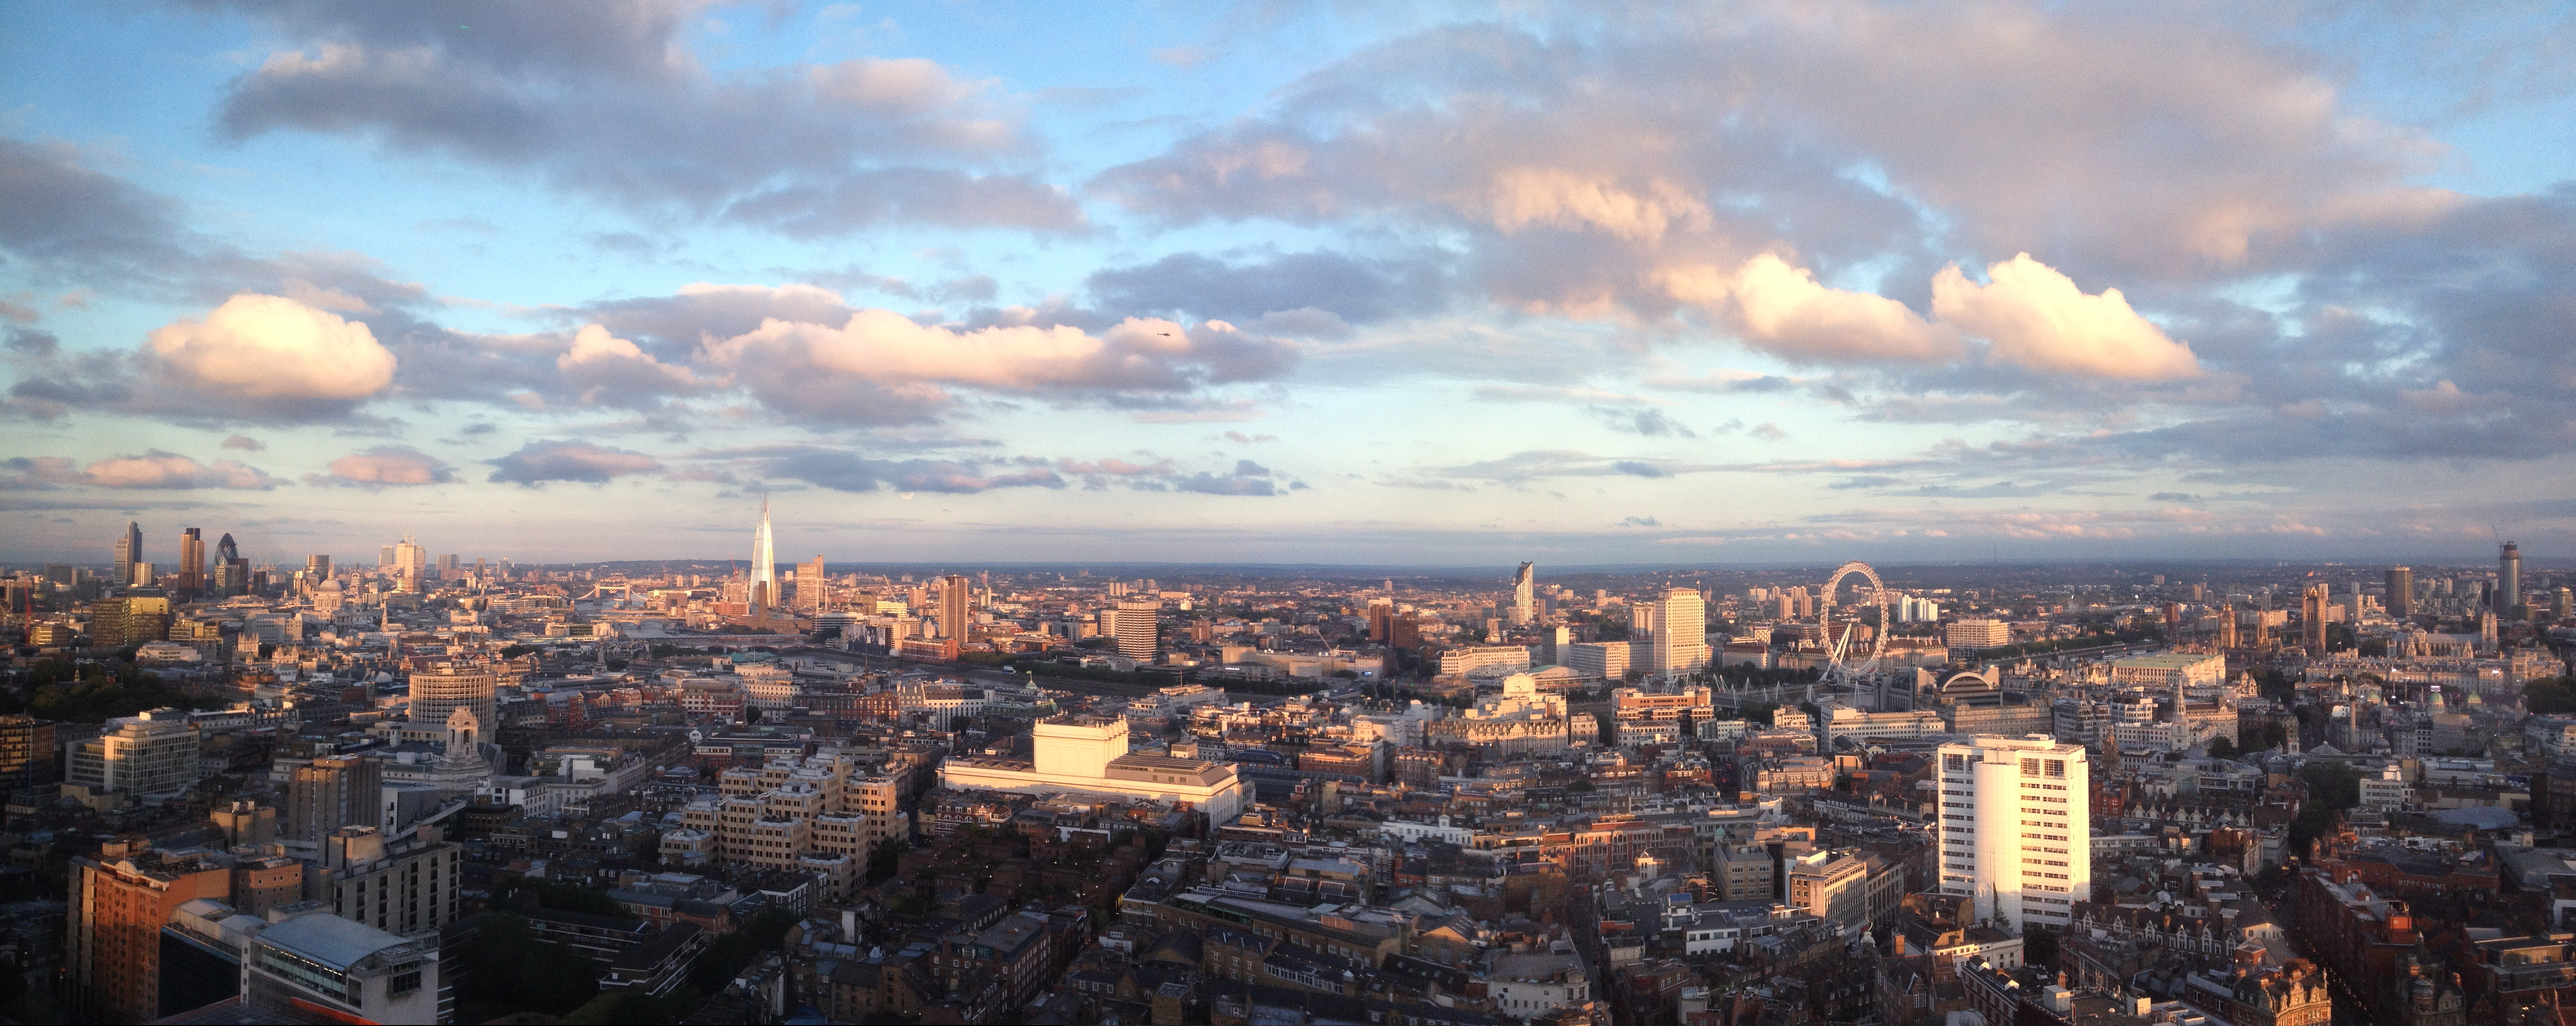 London Skyline by Snazz84